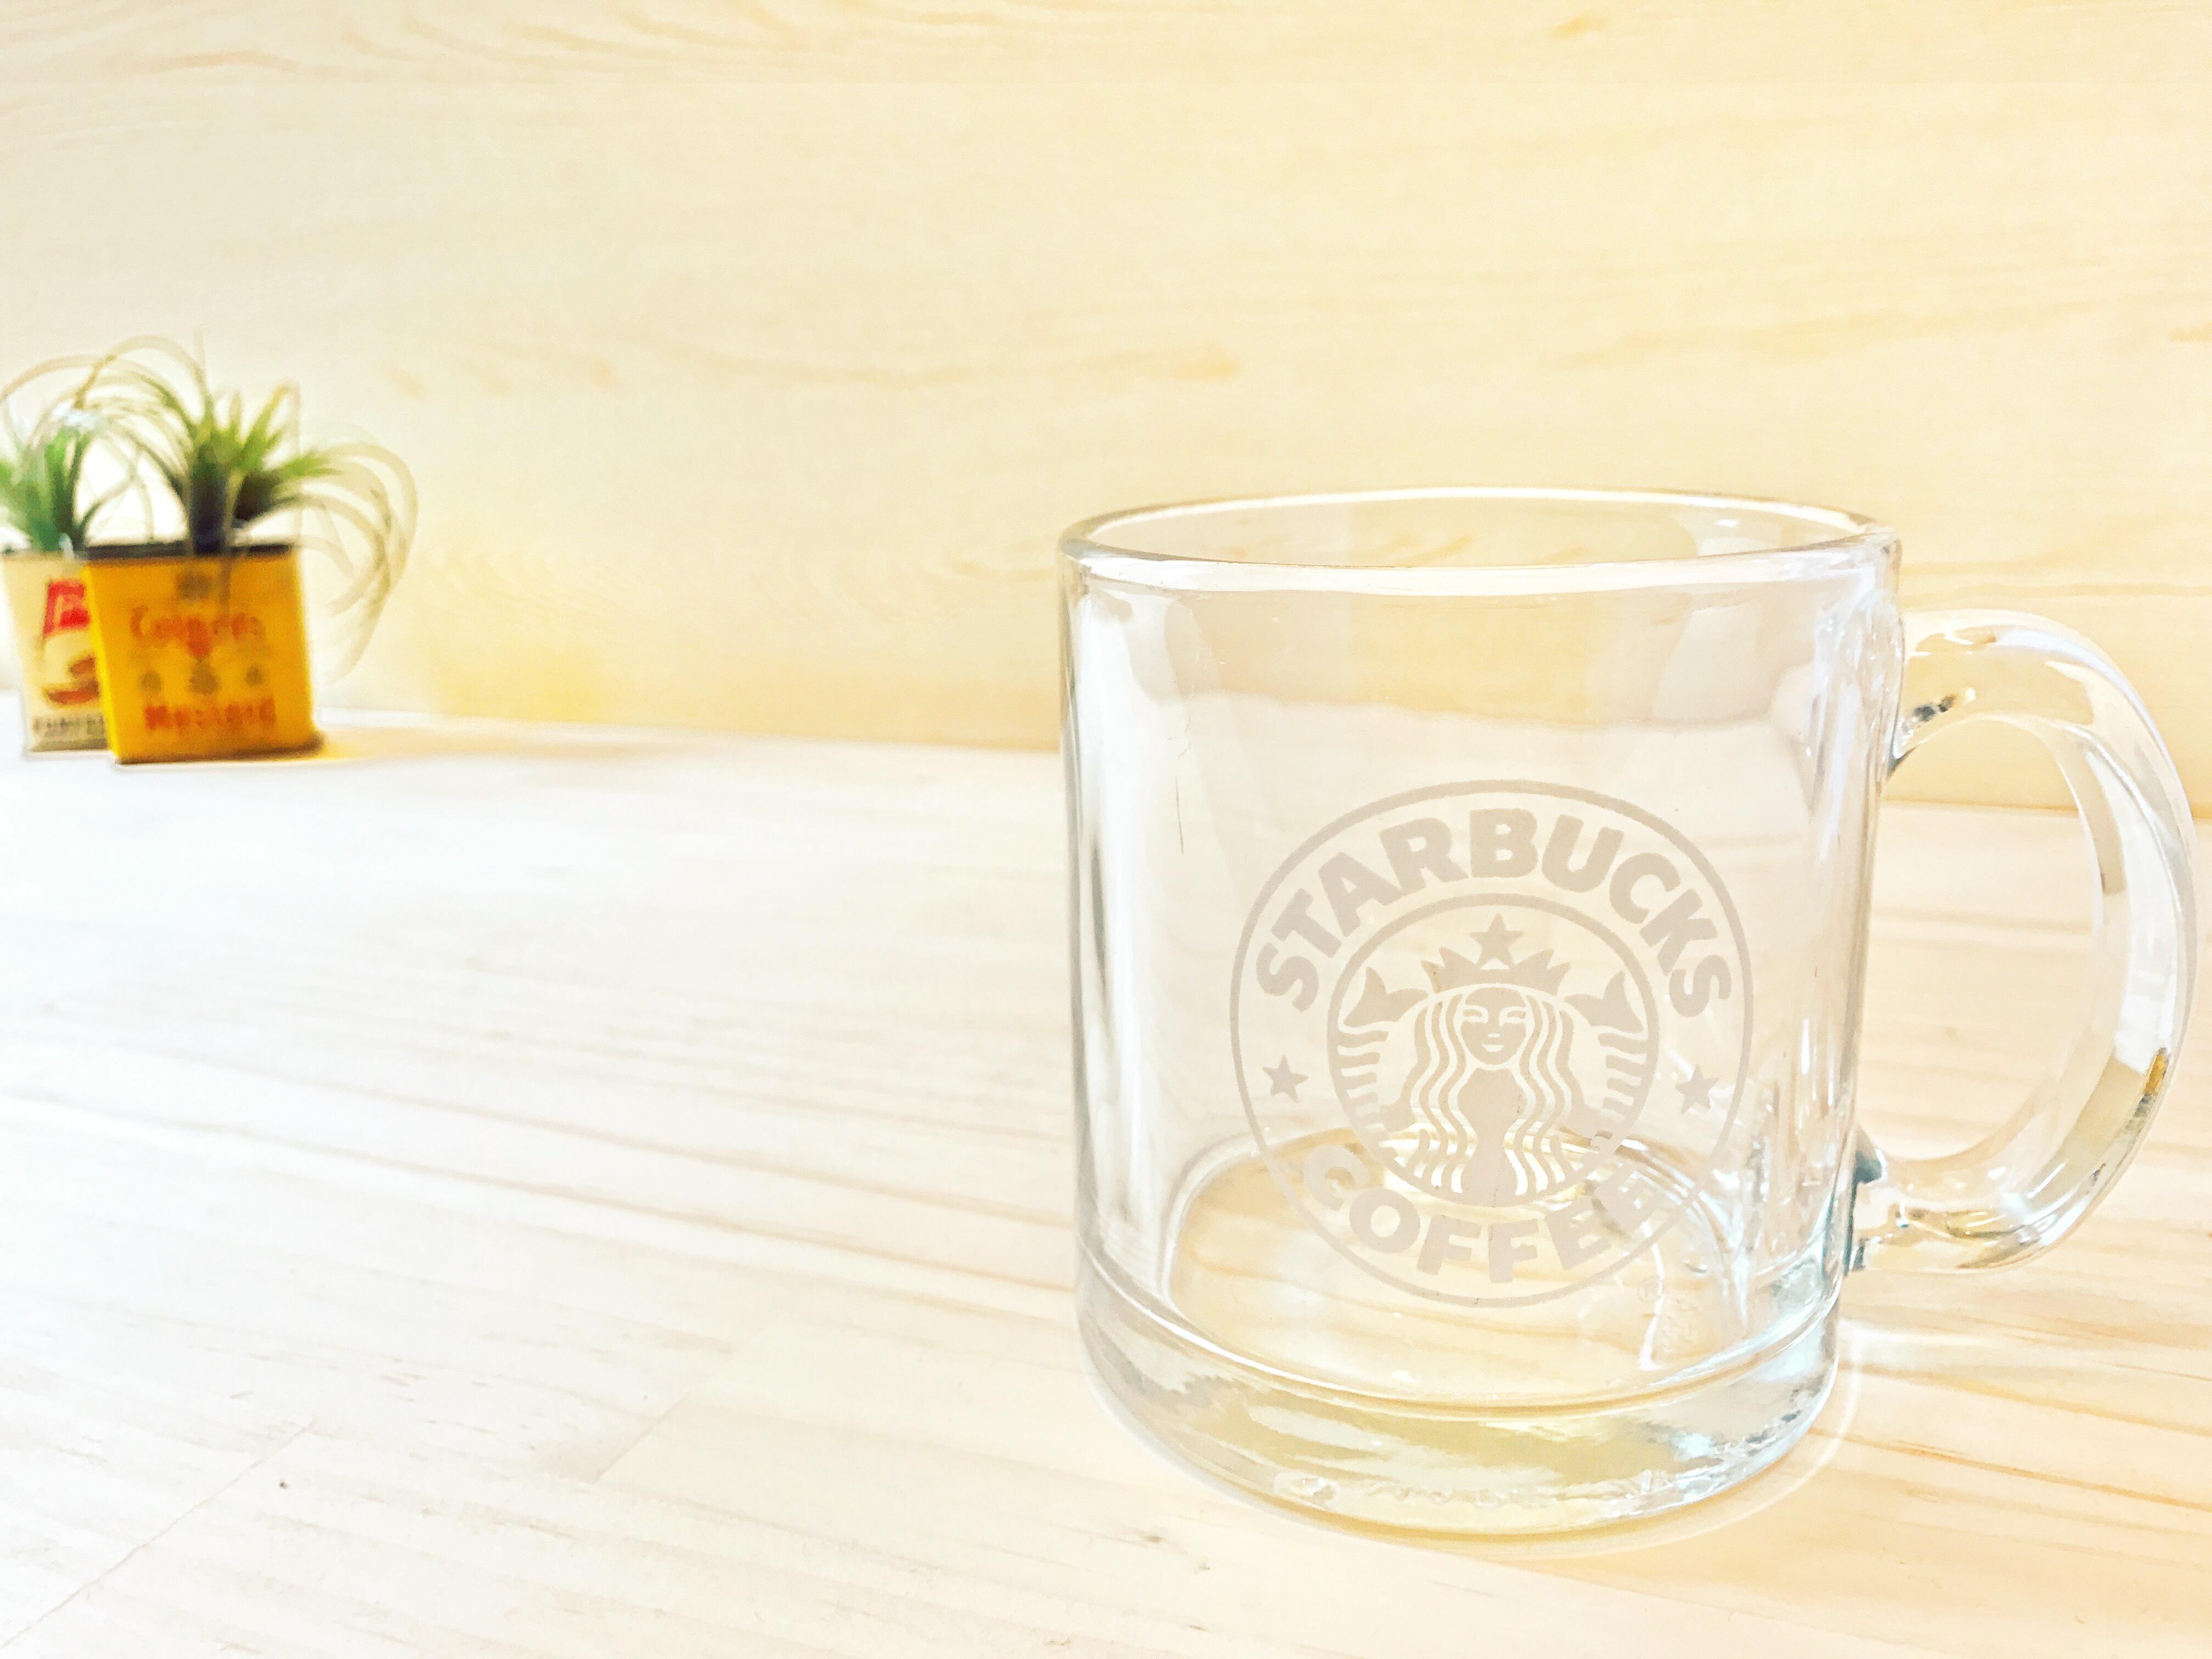 スターバックス クリアガラス マグ 旧ロゴ